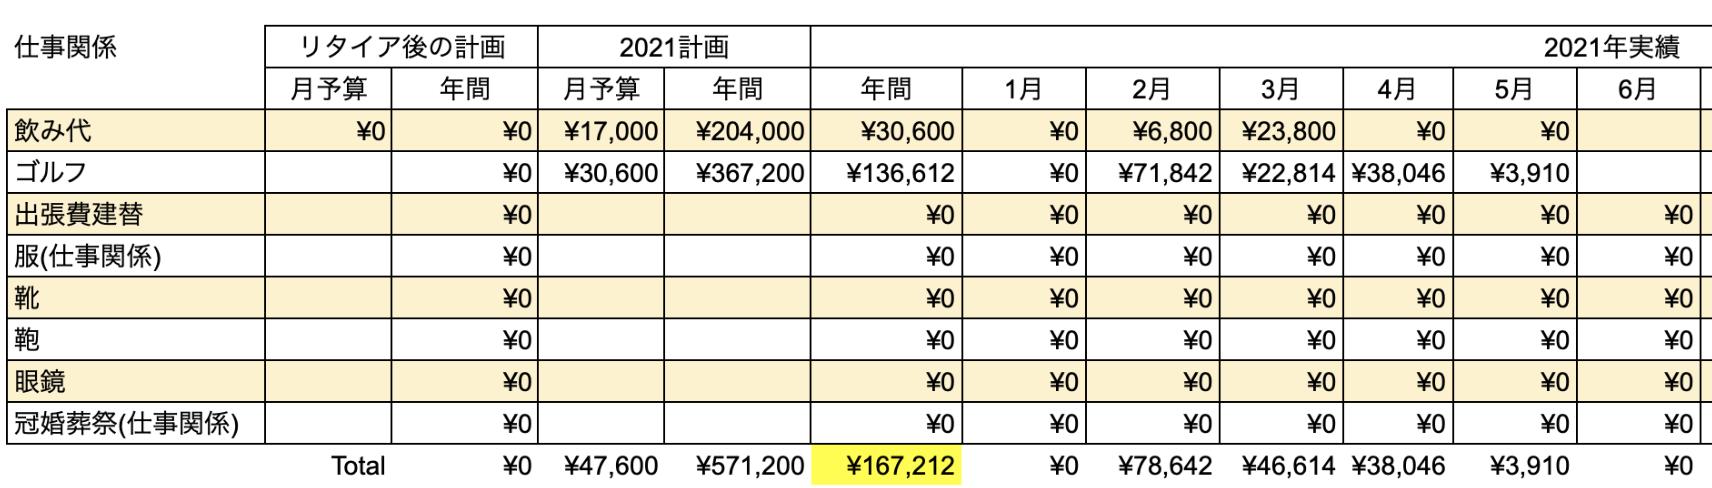 支出実績2021年5月_仕事関係費